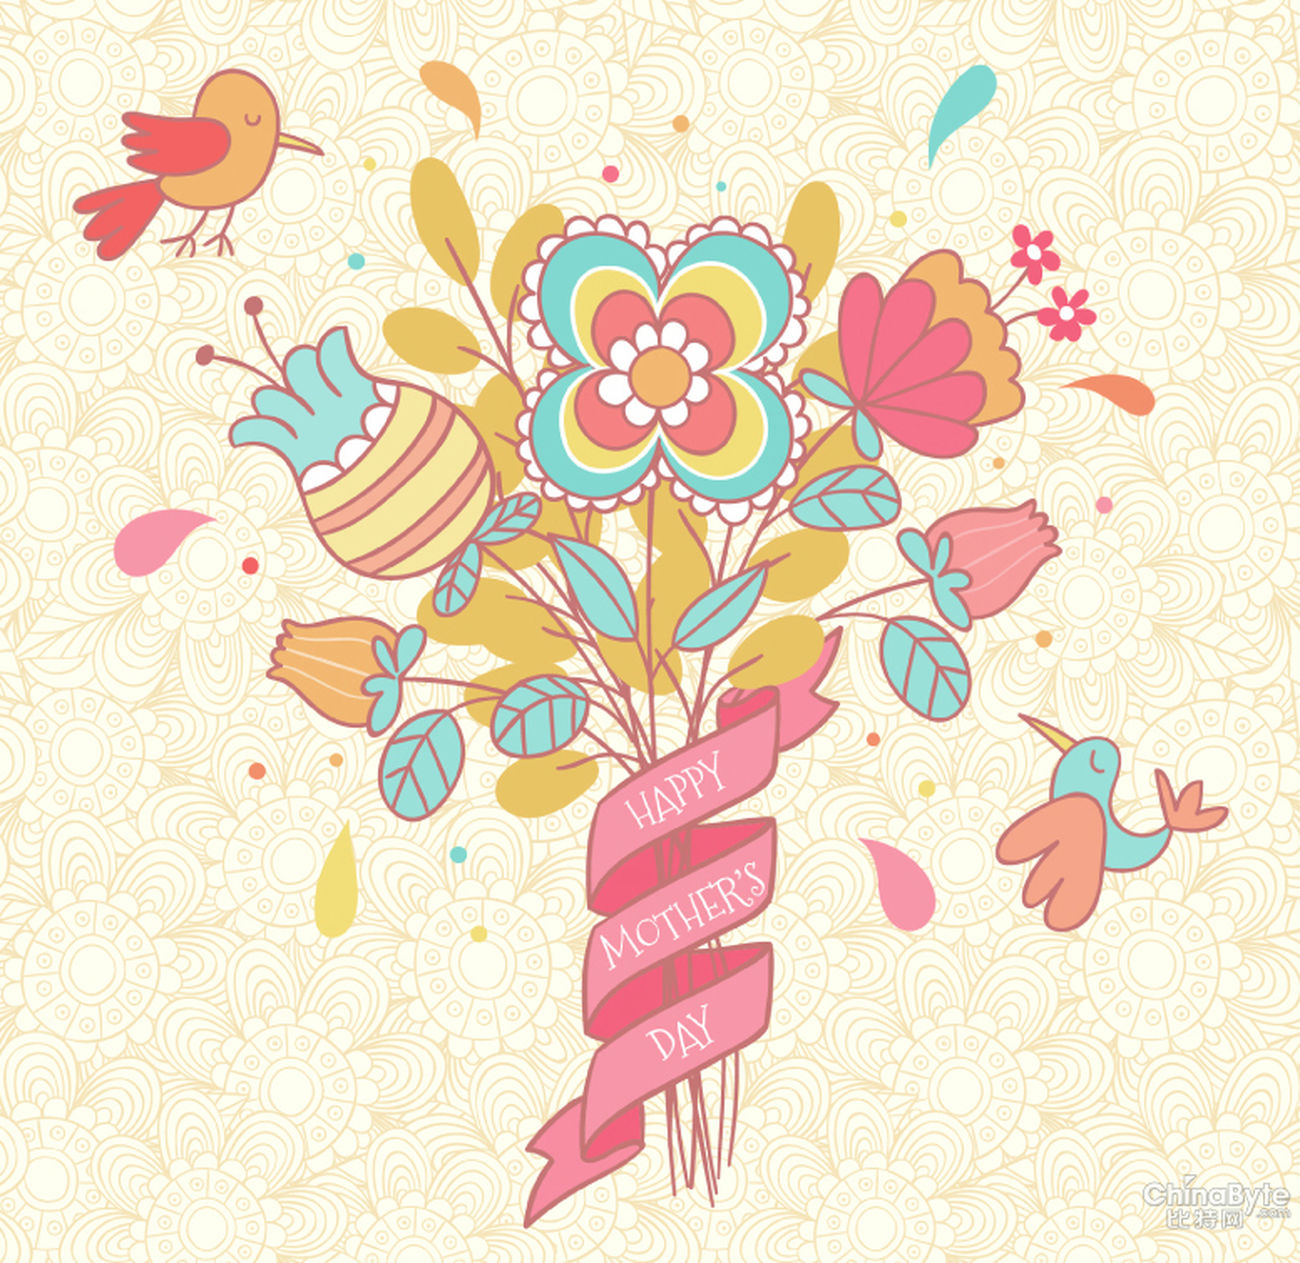 祝我亲爱的老妈节日快乐!你是世界上最好的妈妈,我永远最爱的麻麻,希望你每天开开心心的,身体棒棒的,爱你哟❤️😚 母亲节快乐 母亲节 Happy Mother's Day! Mothersday Love Love ♥ Love♥ Mother's Day Mothers Day Today's Hot Look